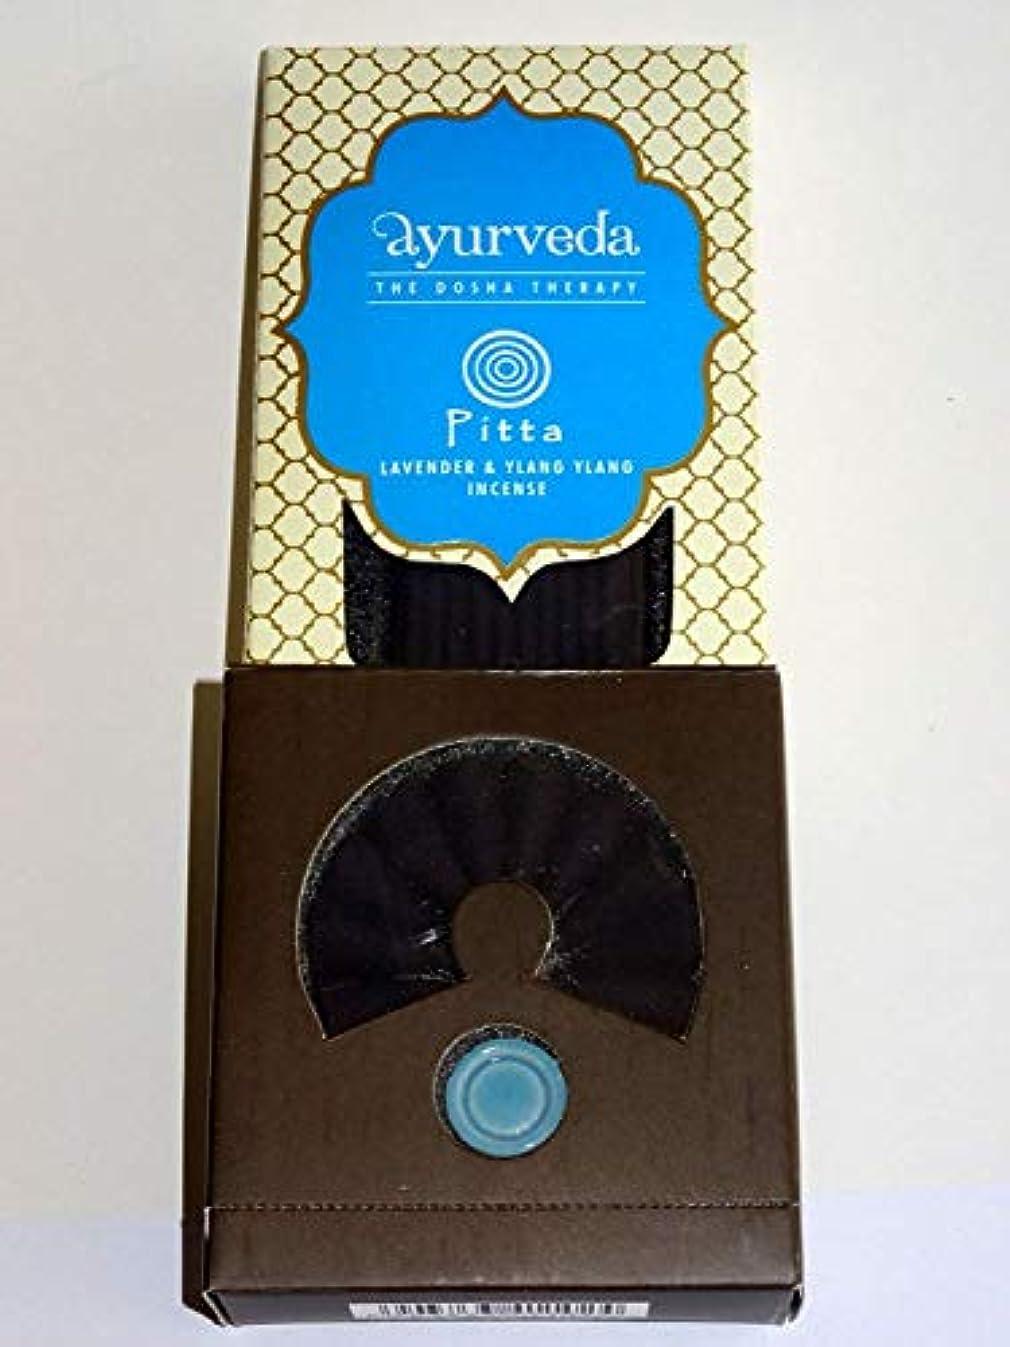 カメ仕様私たち自身Song of India Lavender & Ylang Ylang Ayurveda: Dosha Theraphy - Incense Sticks, Cones & Holder Gift